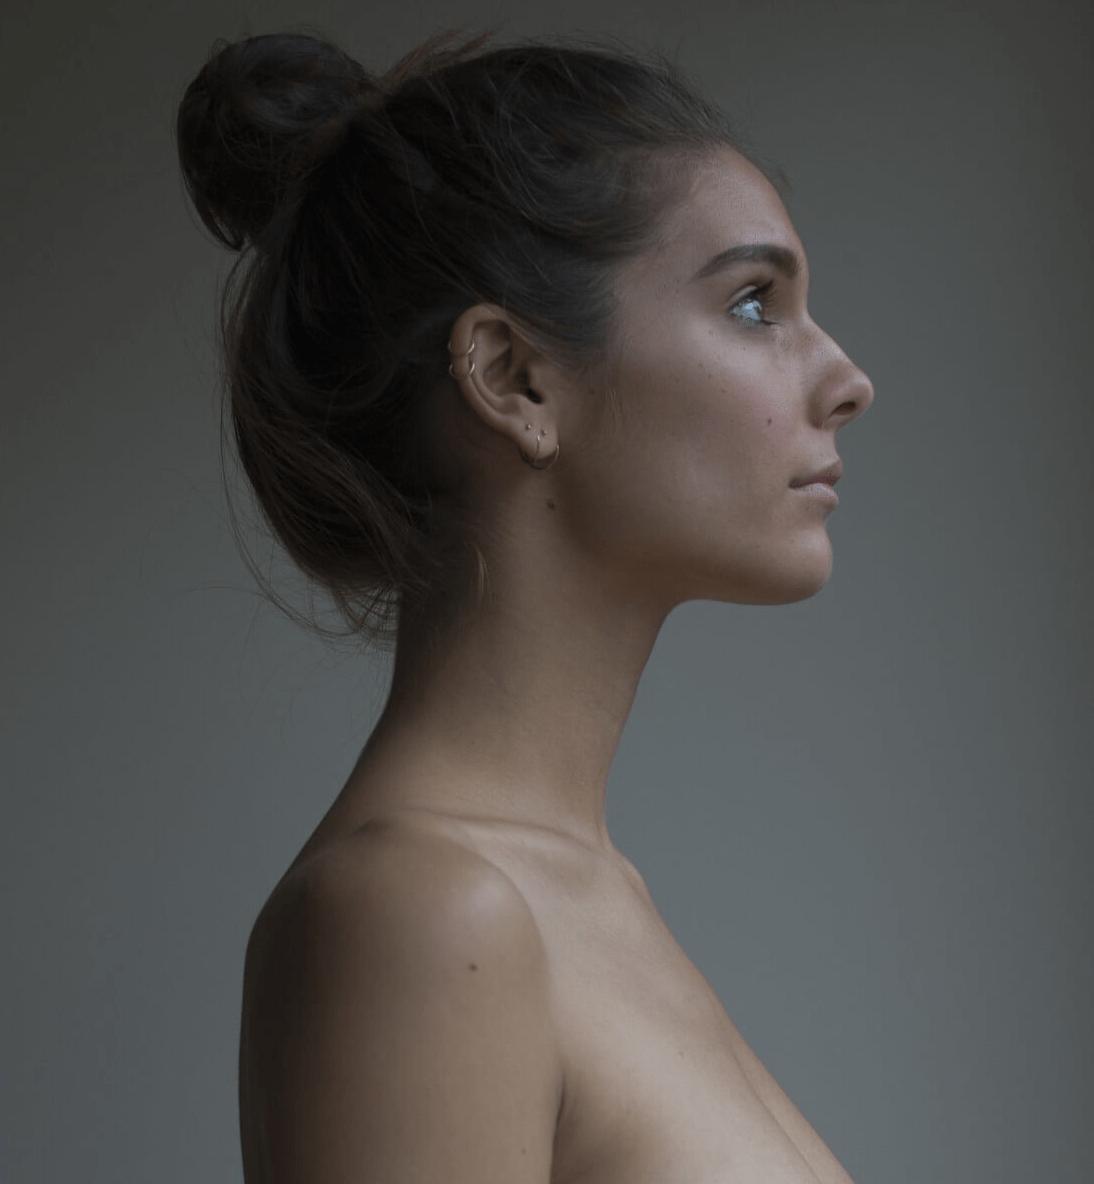 Emma holten ass - 2019 year